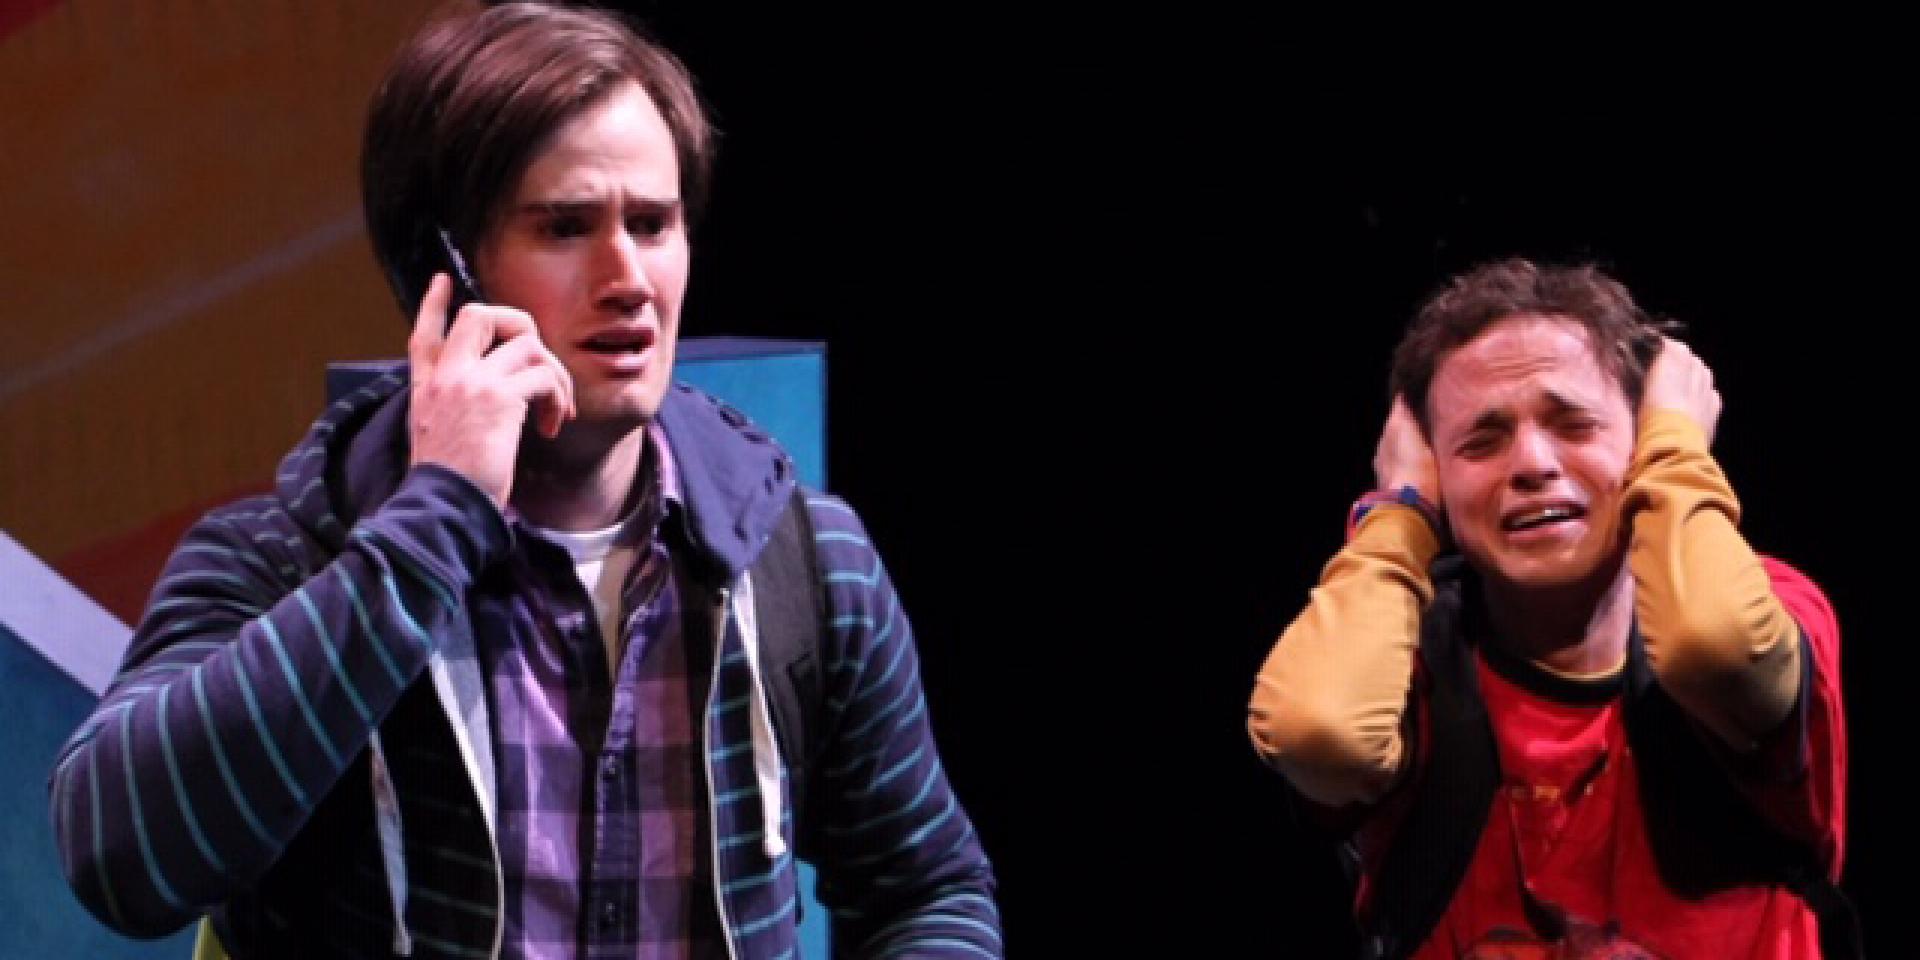 Ryan Bondy & Aaron Stern in Spelling 2-5-5.